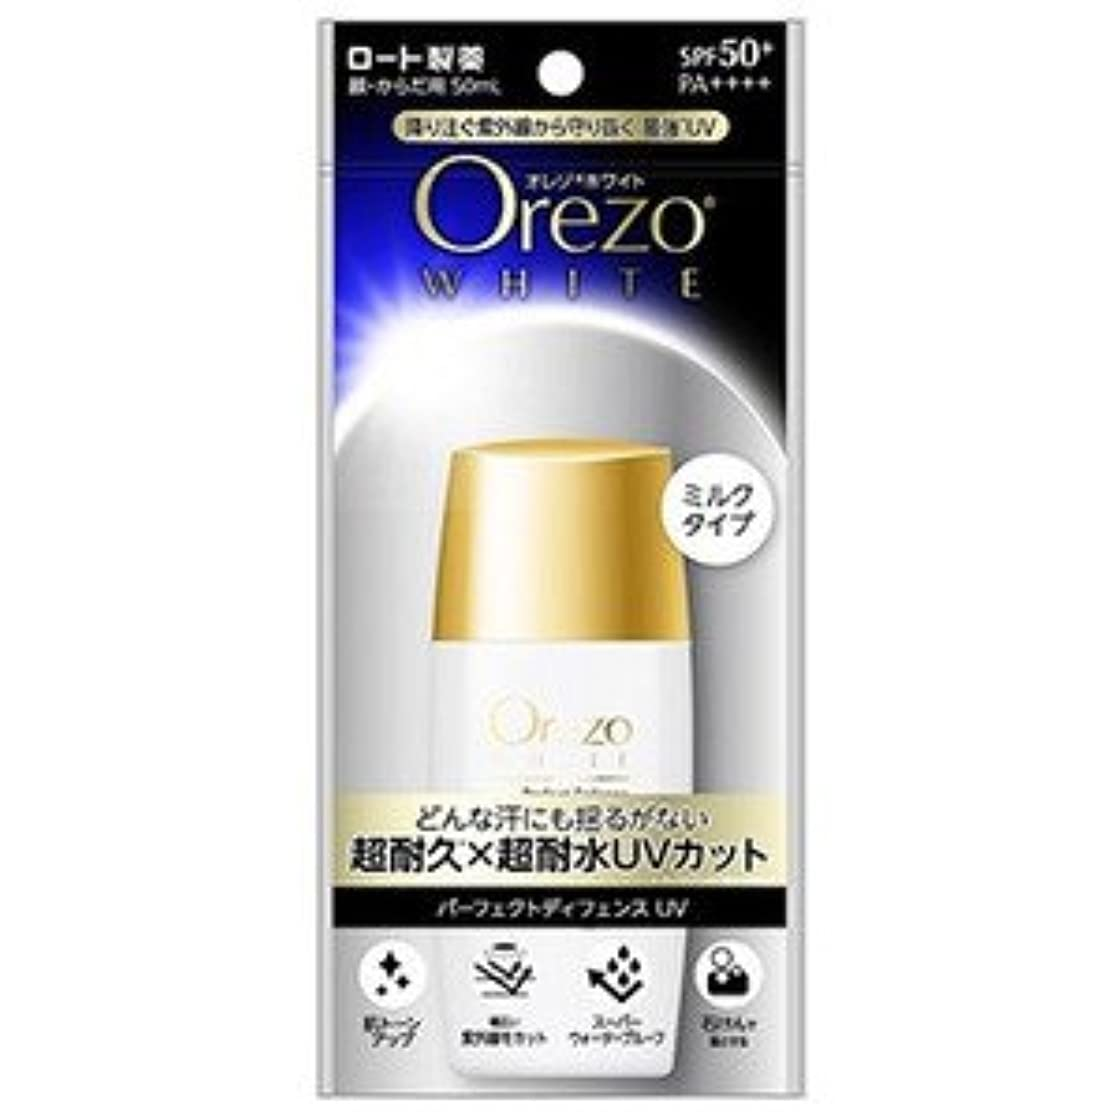 細断ヒント思い出させるロート製薬 Orezo オレゾ ホワイト パーフェクトディフェンスUVa SPF50+ PA++++ (50mL)